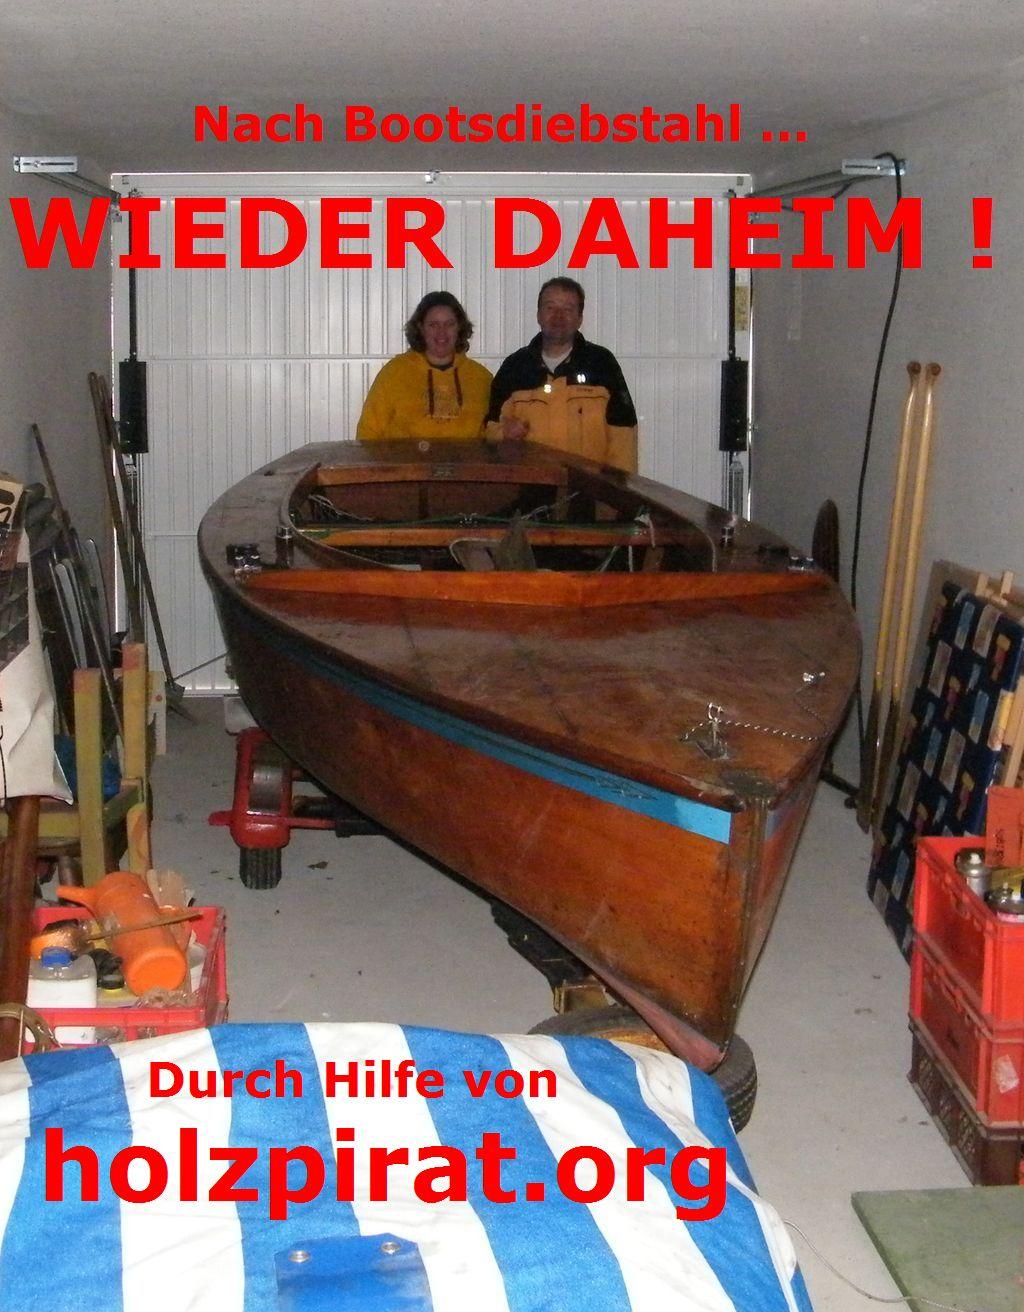 Gestohlener-Pirat-wieder-daheim-2-1024px